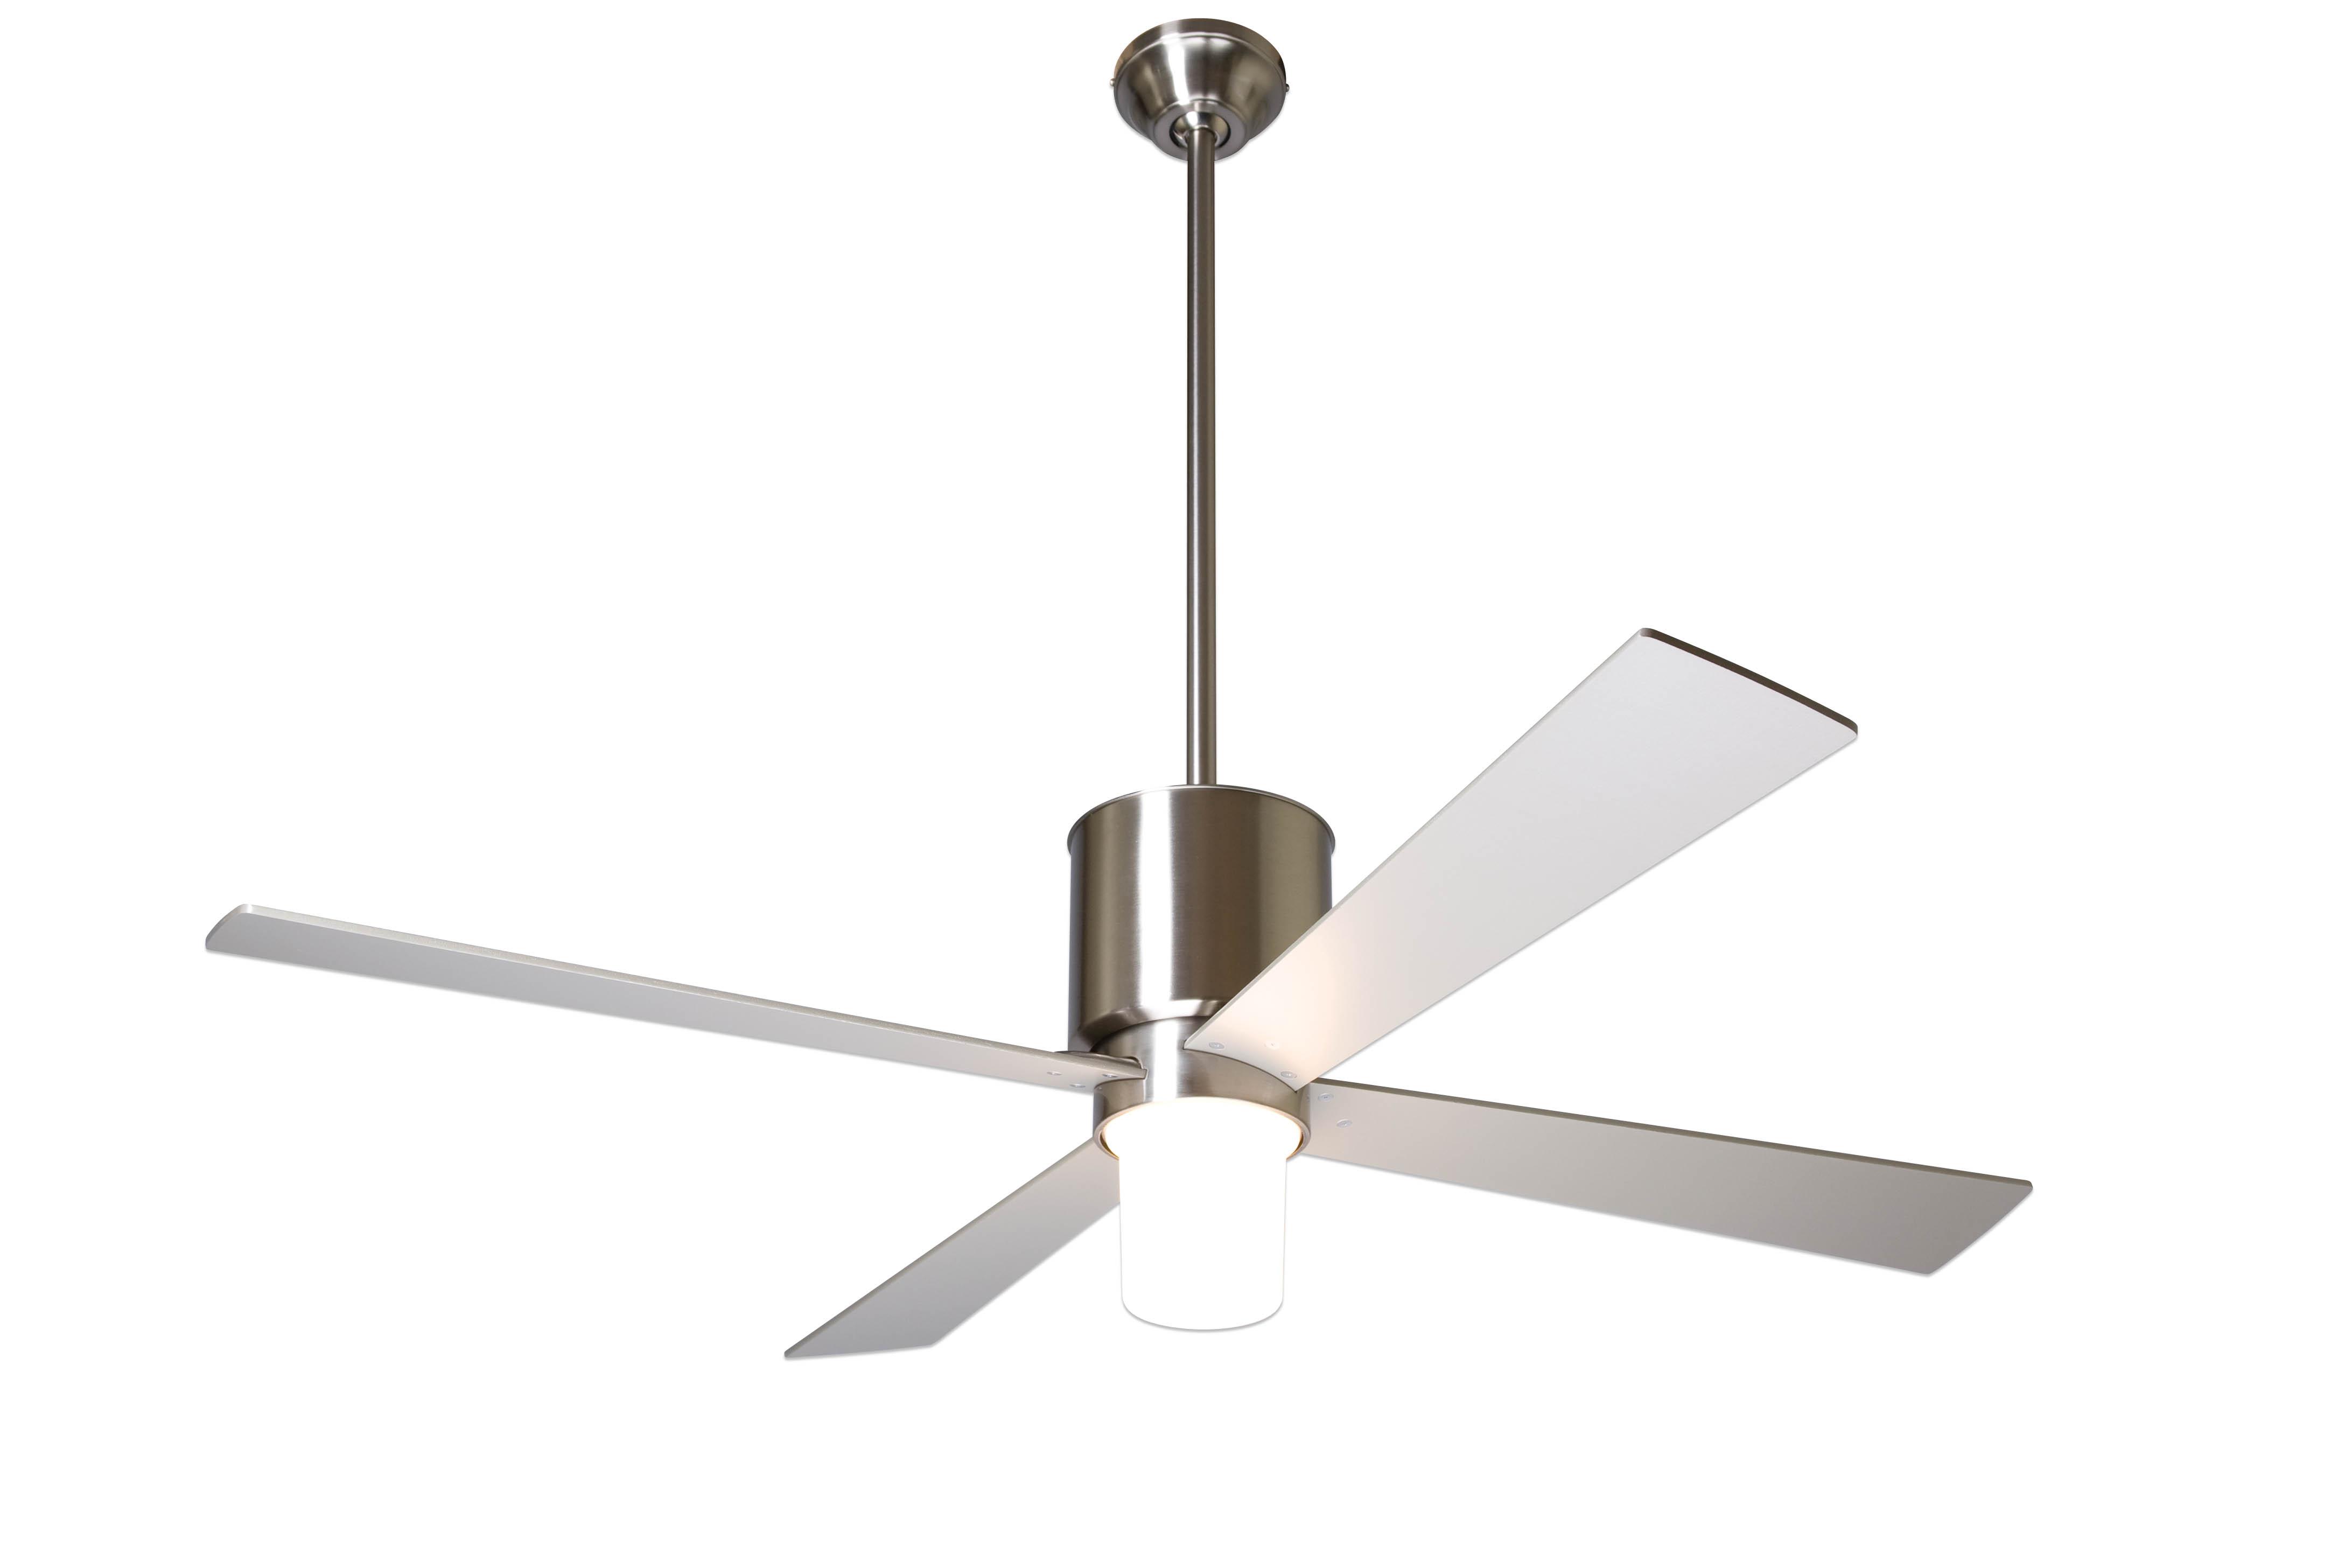 lapa ceiling fan photo - 1